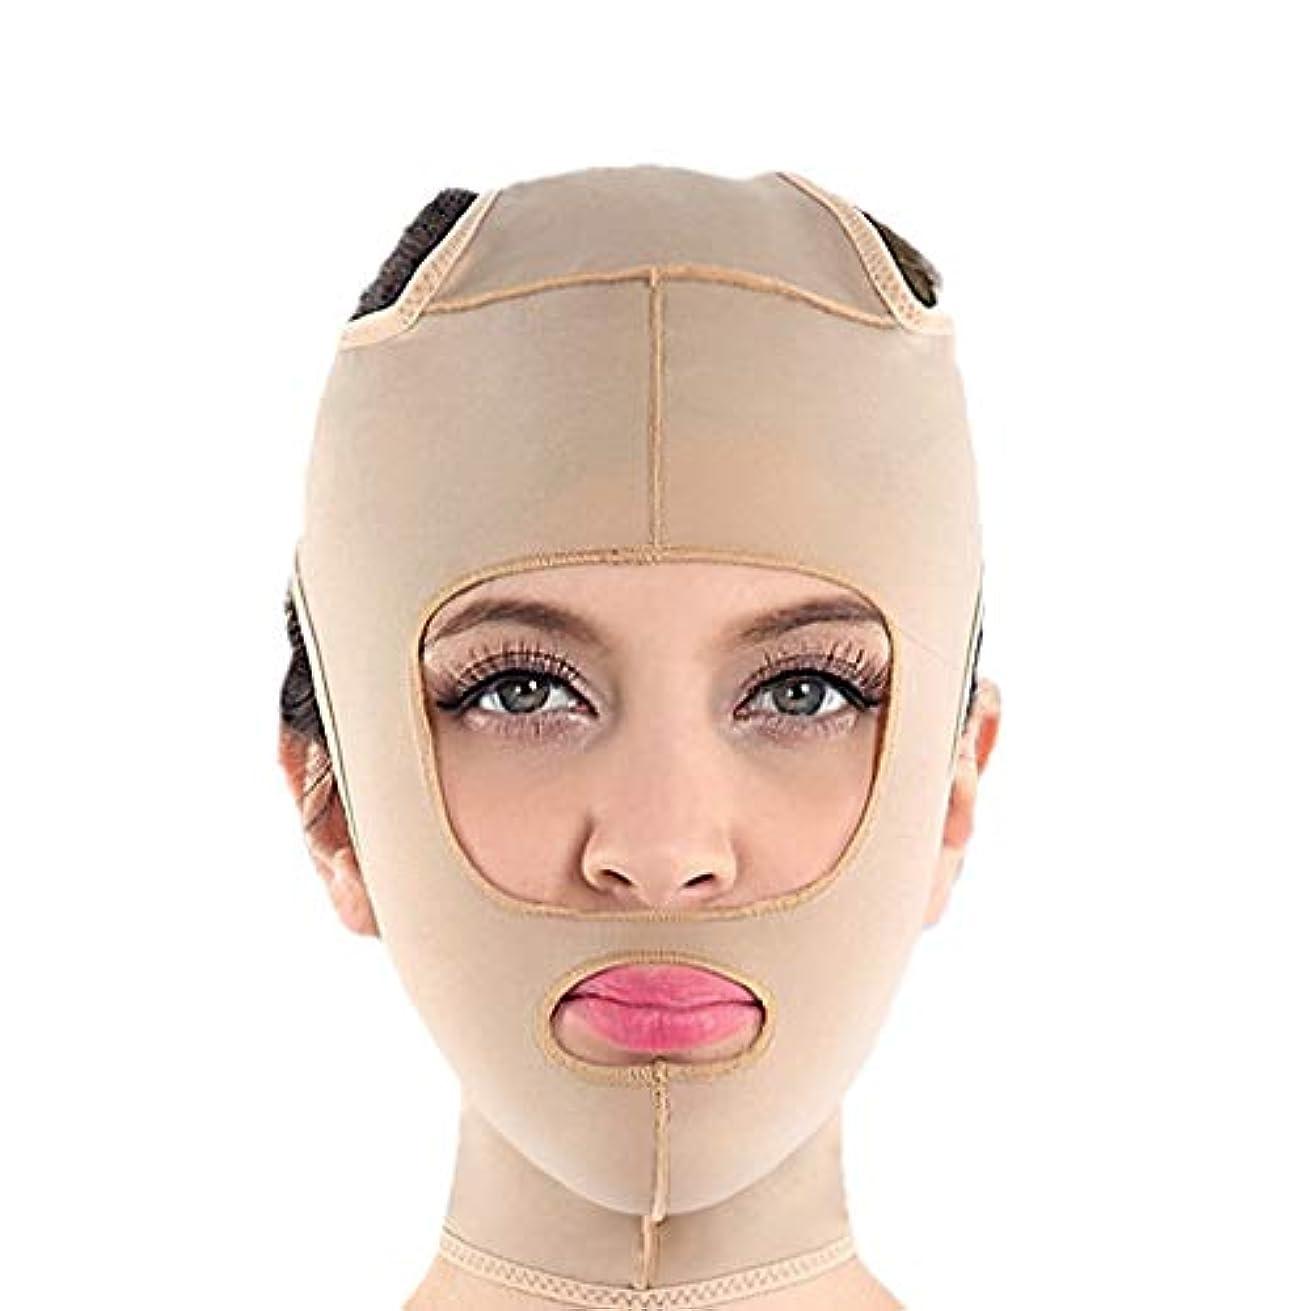 未就学卵オートメーションフェイスリフティング、ダブルチンストラップ、フェイシャル減量マスク、ダブルチンを減らすリフティングヌードル、ファーミングフェイス、パワフルリフティングマスク (Size : S)